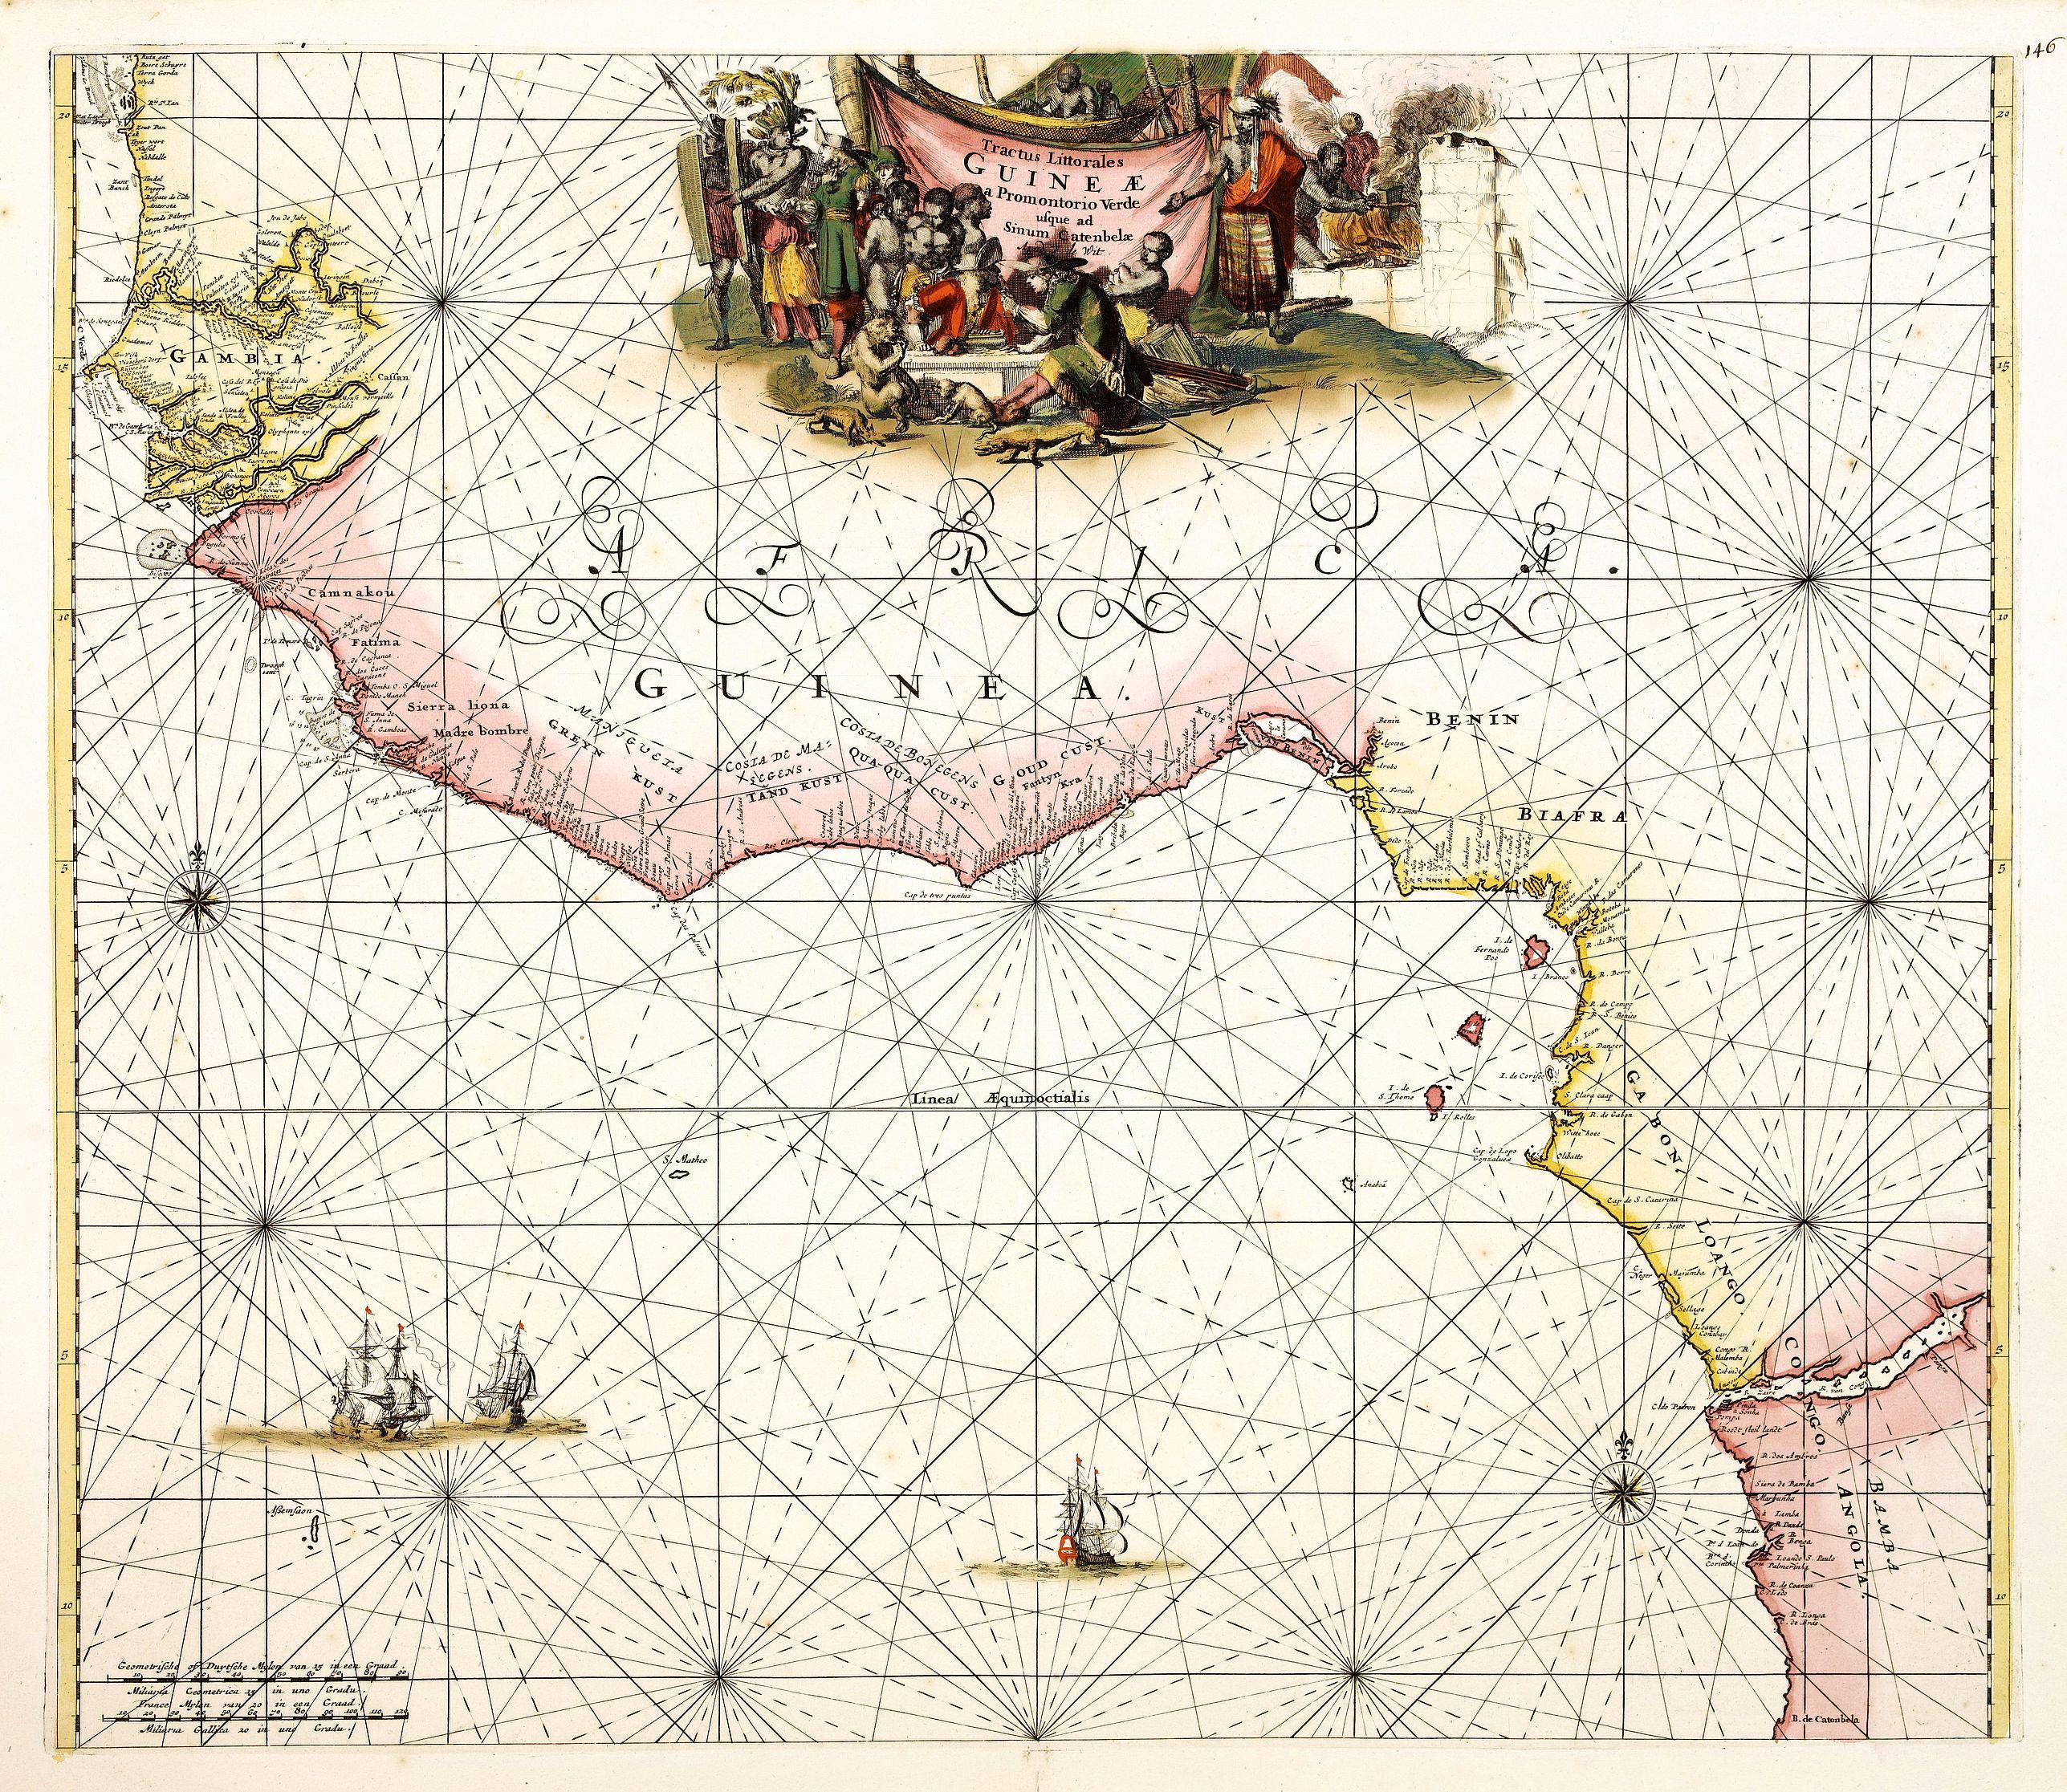 DE WIT, F. -  Tractus Littorales Guineae a Promontorio Verde usque ad sinum Catenbelae.